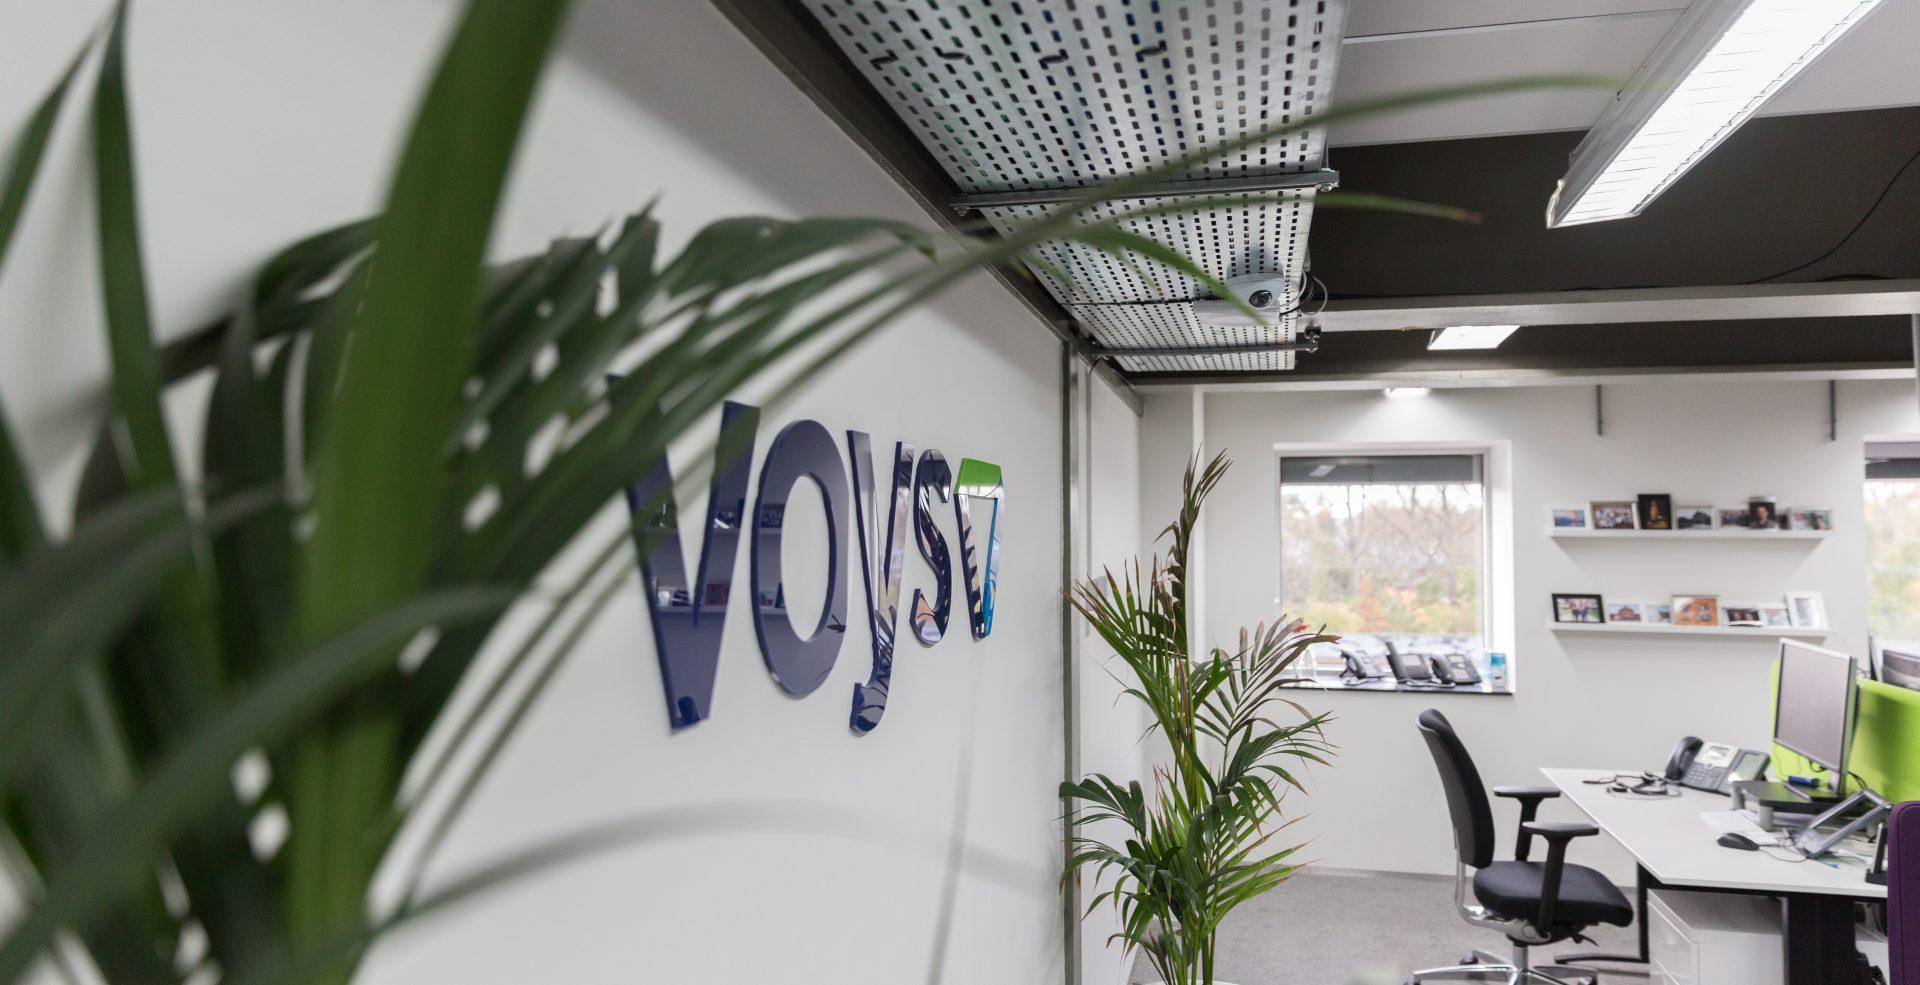 Het hippe kantoor van Voys  in de Mediacentrale.